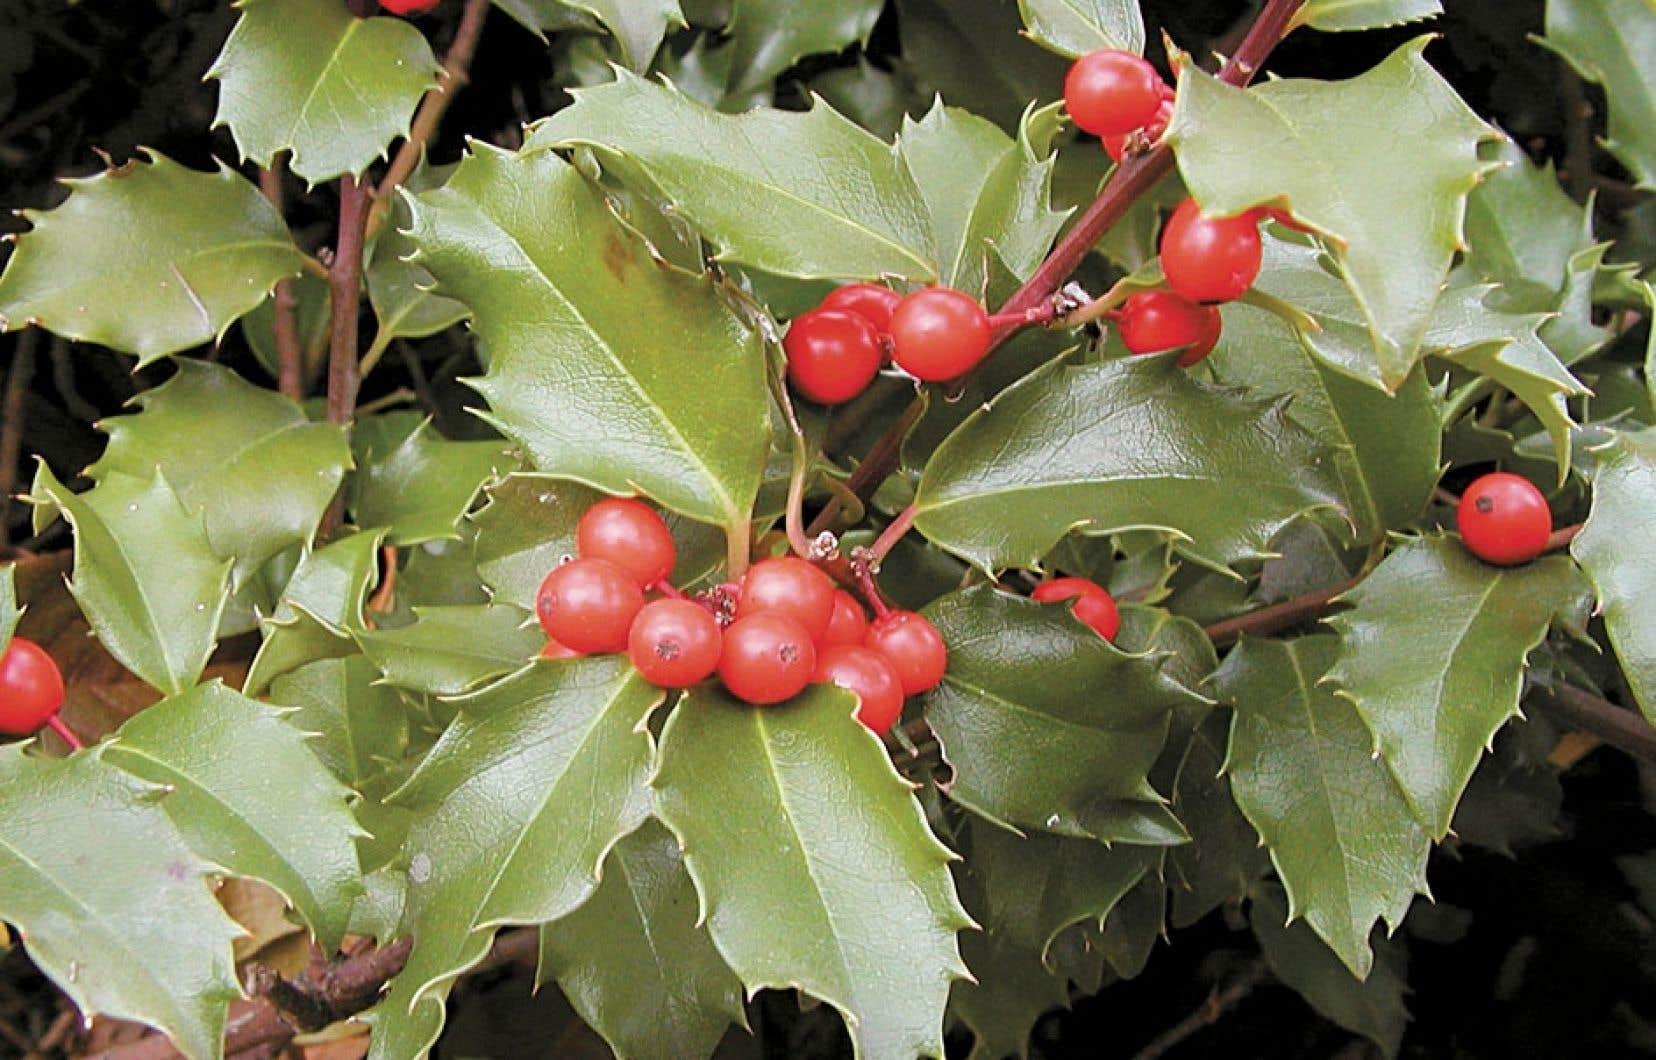 Le feuillage vert foncé et luisant d'Ilex X meservæ est remarquable et ses fruits rouges brillants attirent les oiseaux.